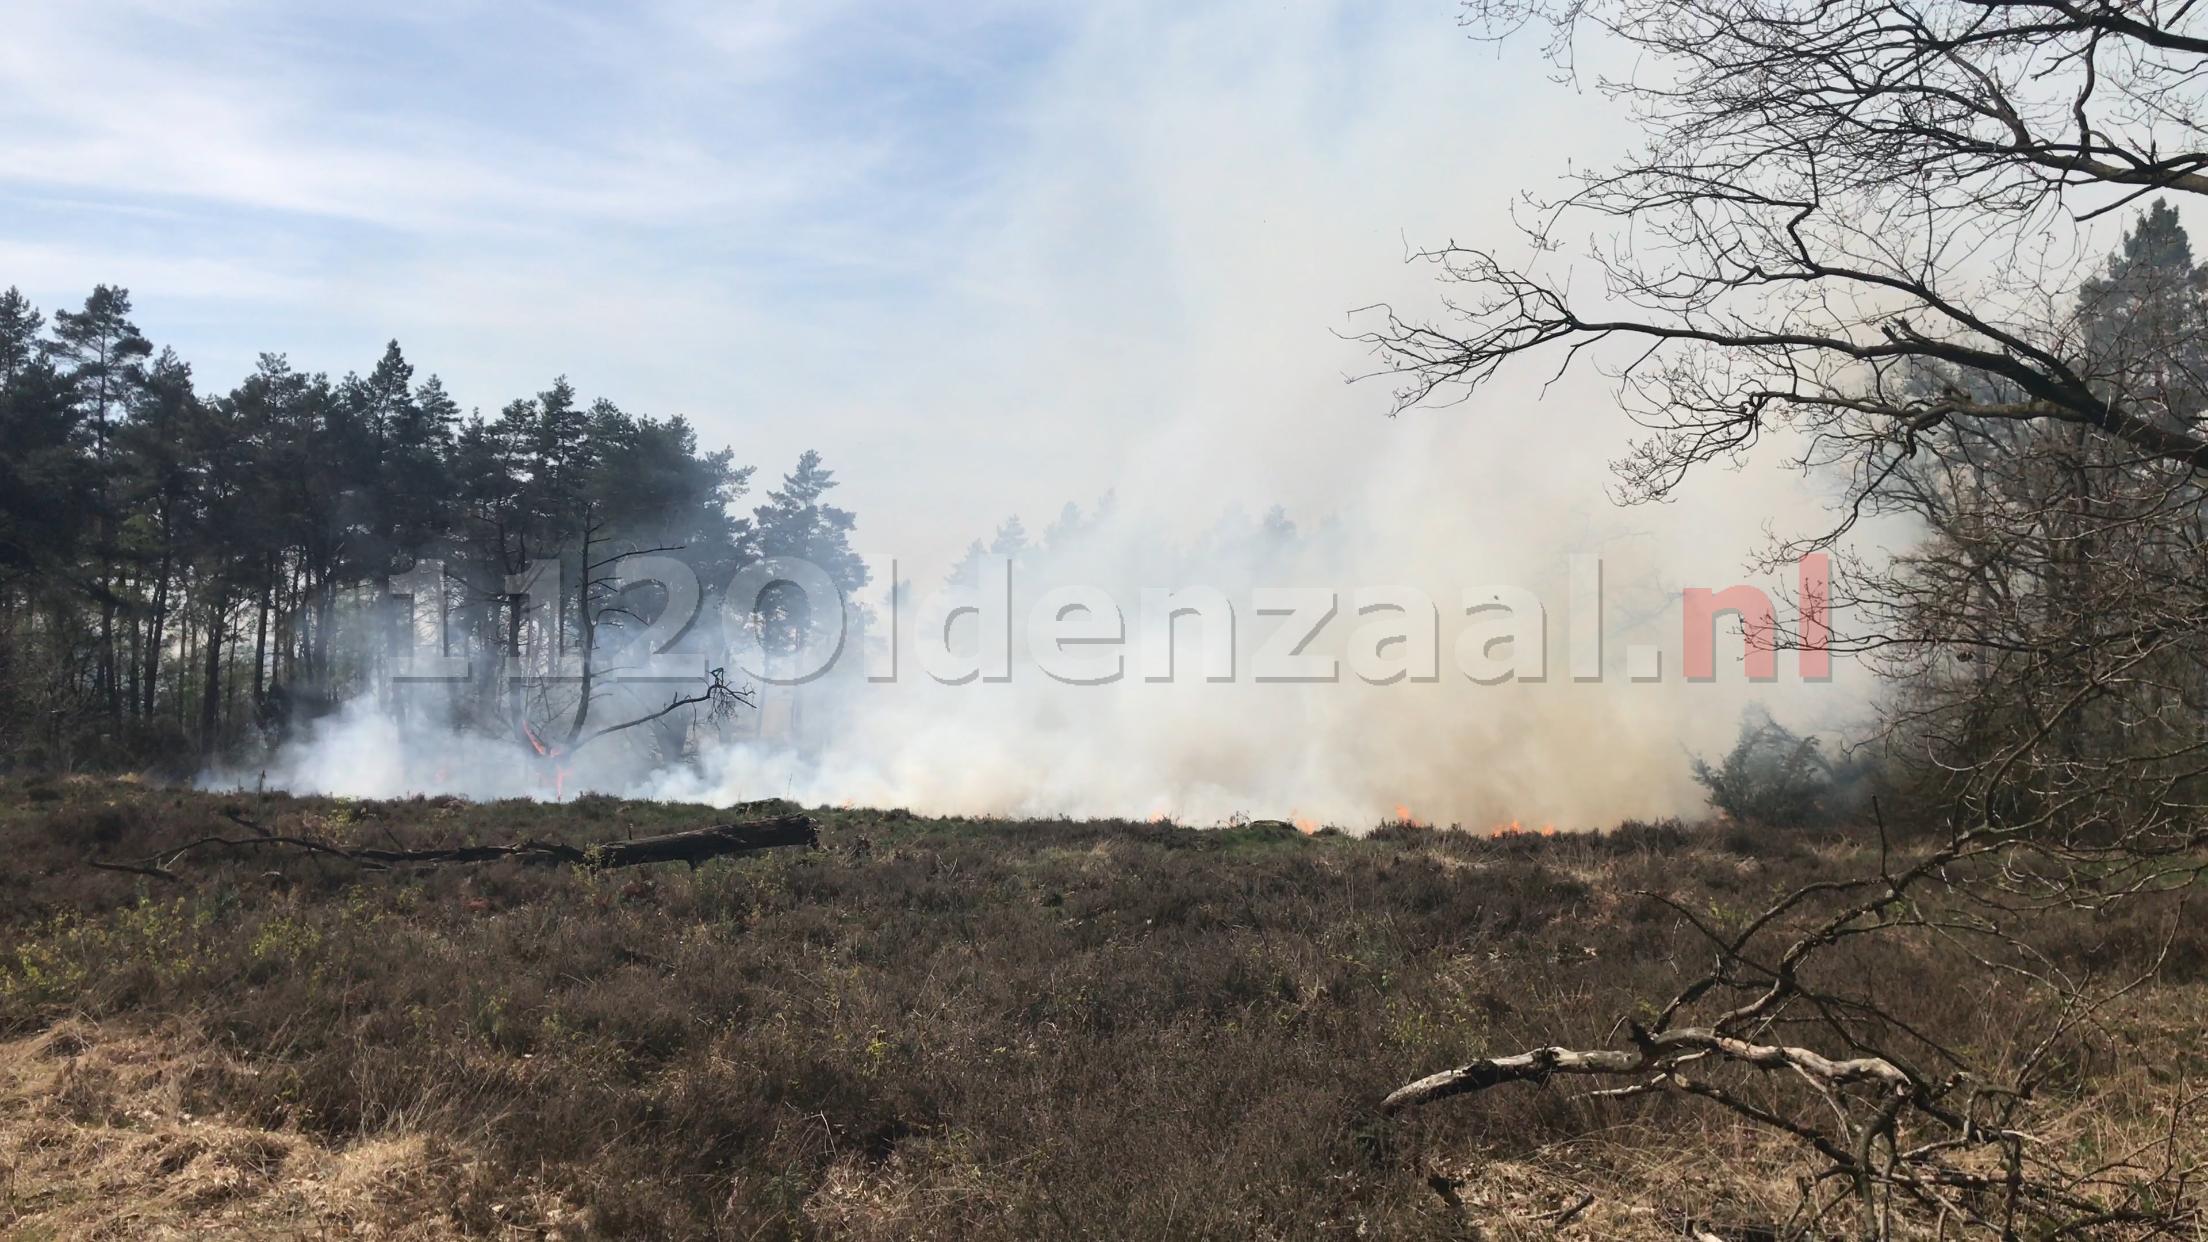 Foto: zeer grote natuurbrand in Beuningen